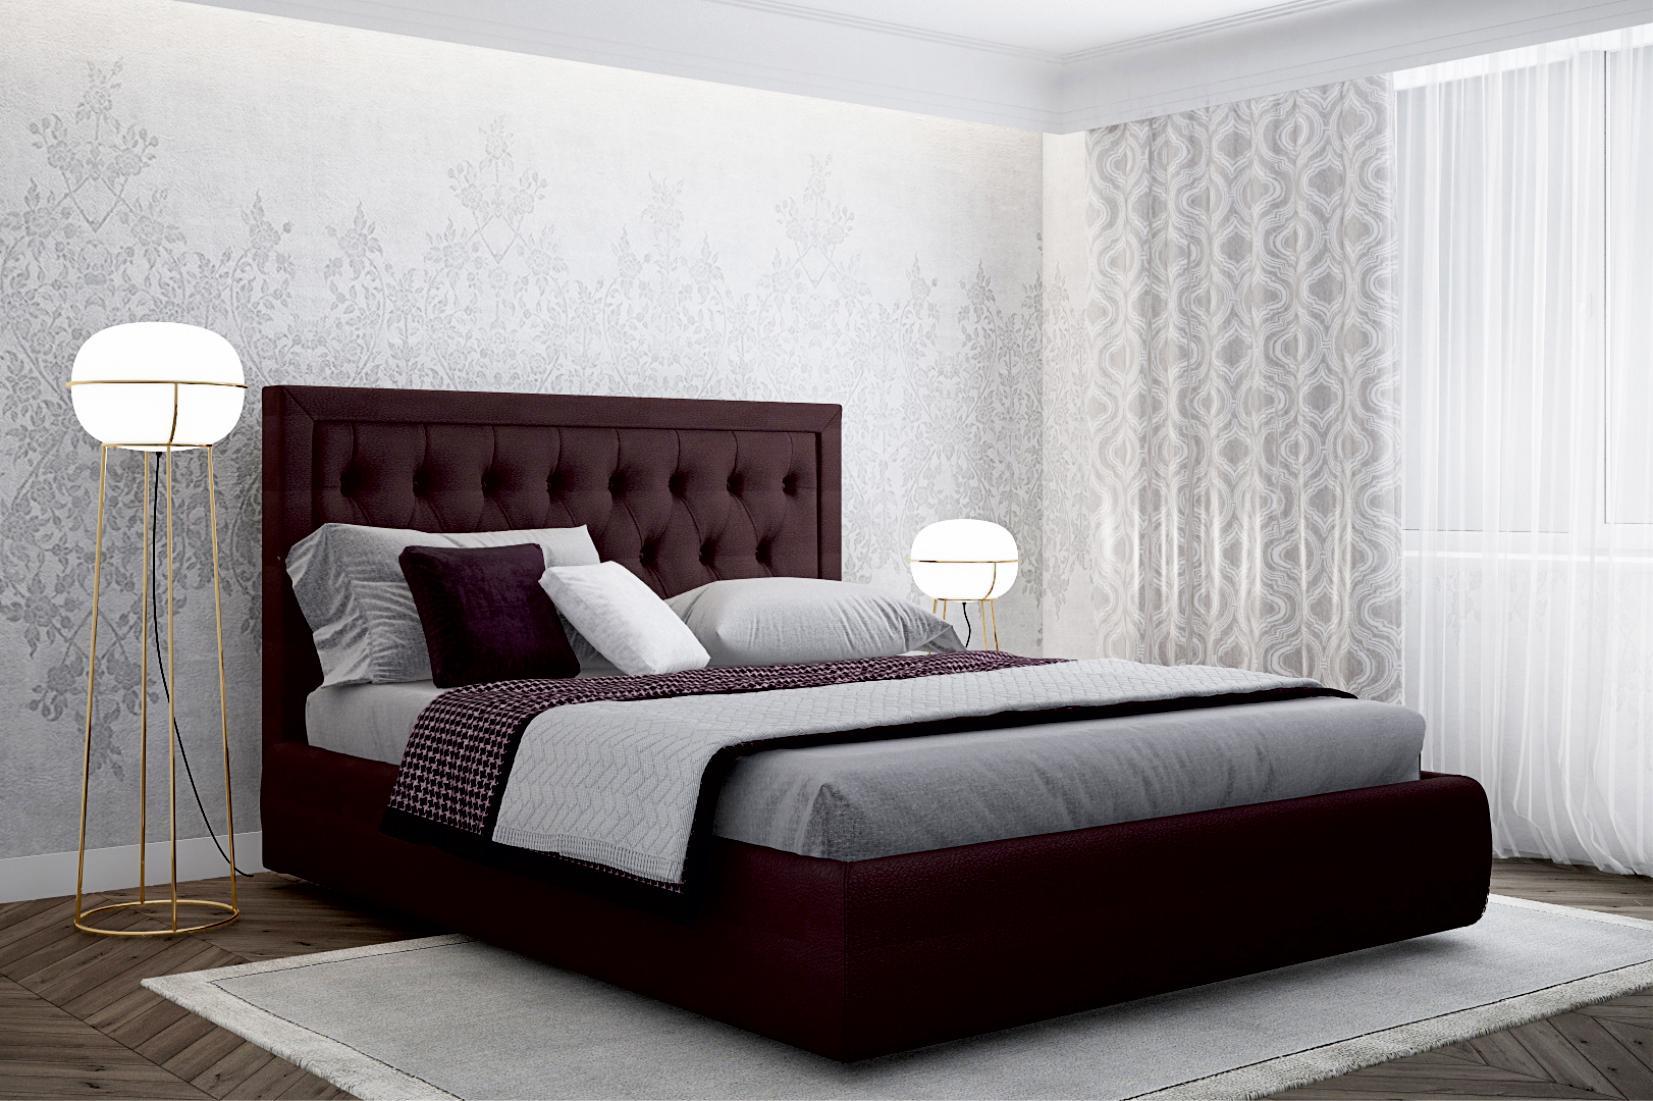 Лучшая двуспальная кровать в Алматы